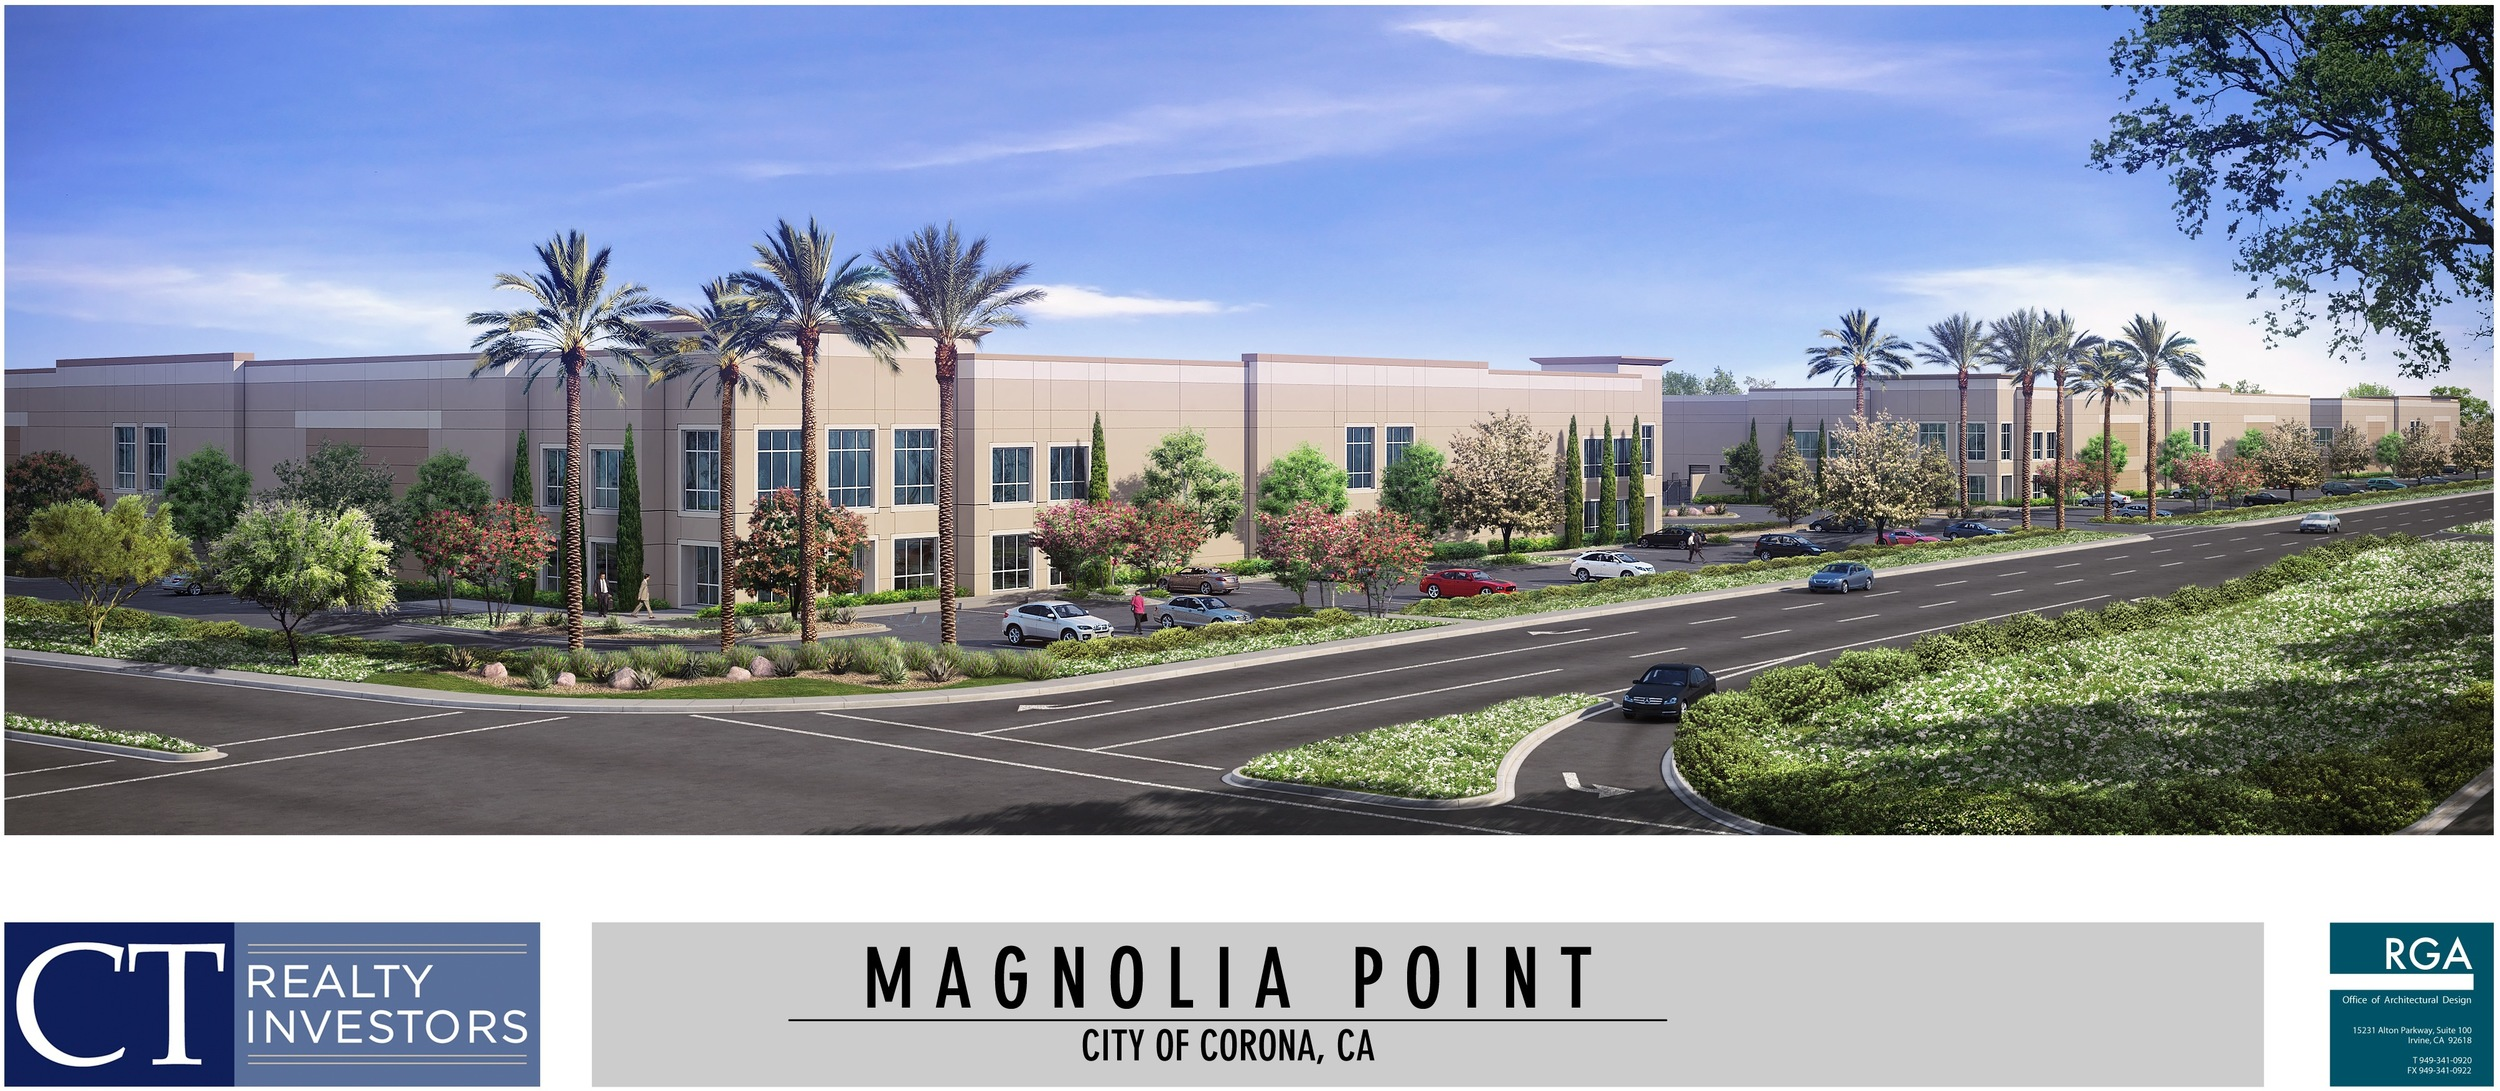 Magnolia Point-View 3 Crop.jpg